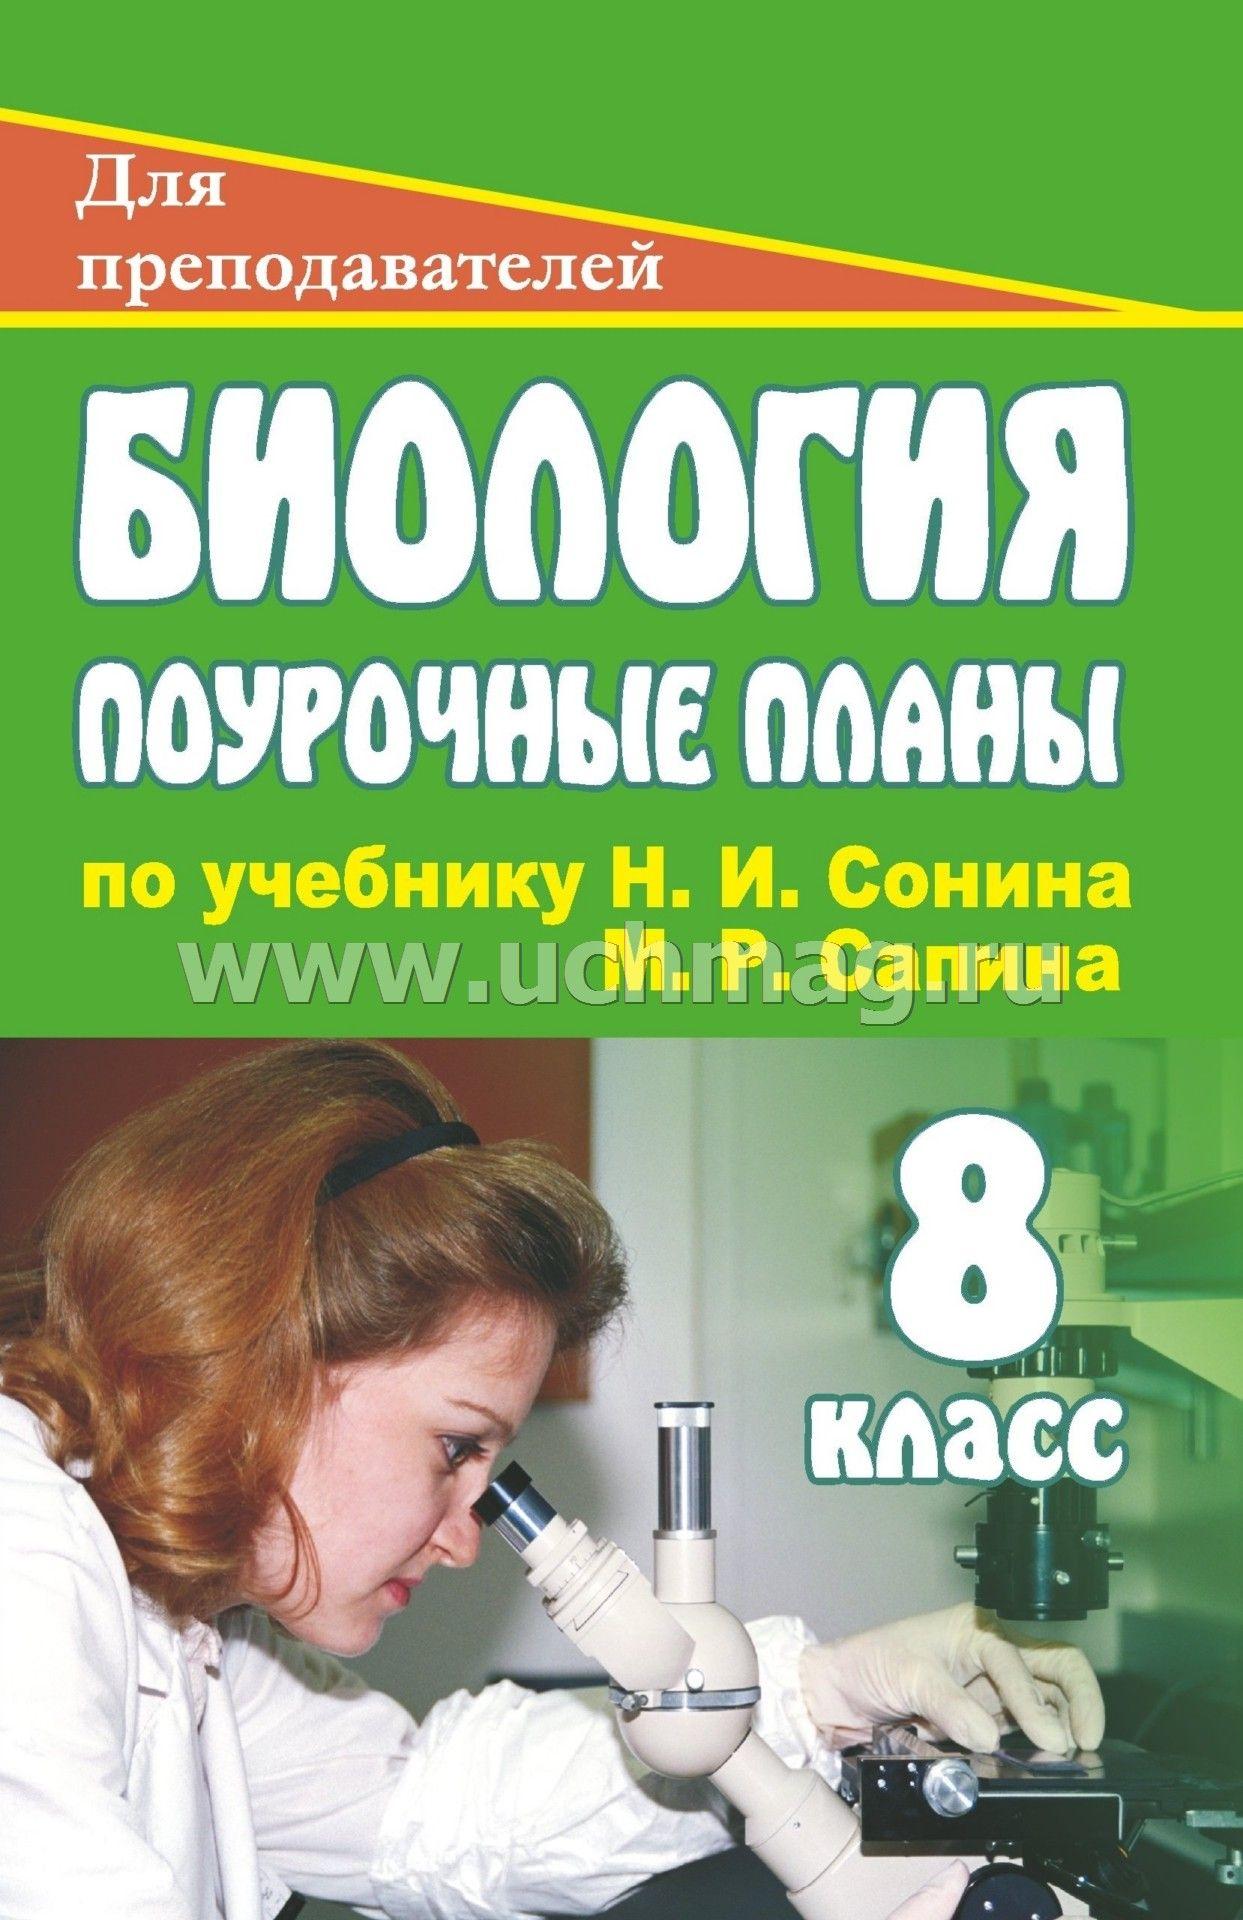 Рабочая тетрадь к учебнику н.и сонина м.р.сапина решения